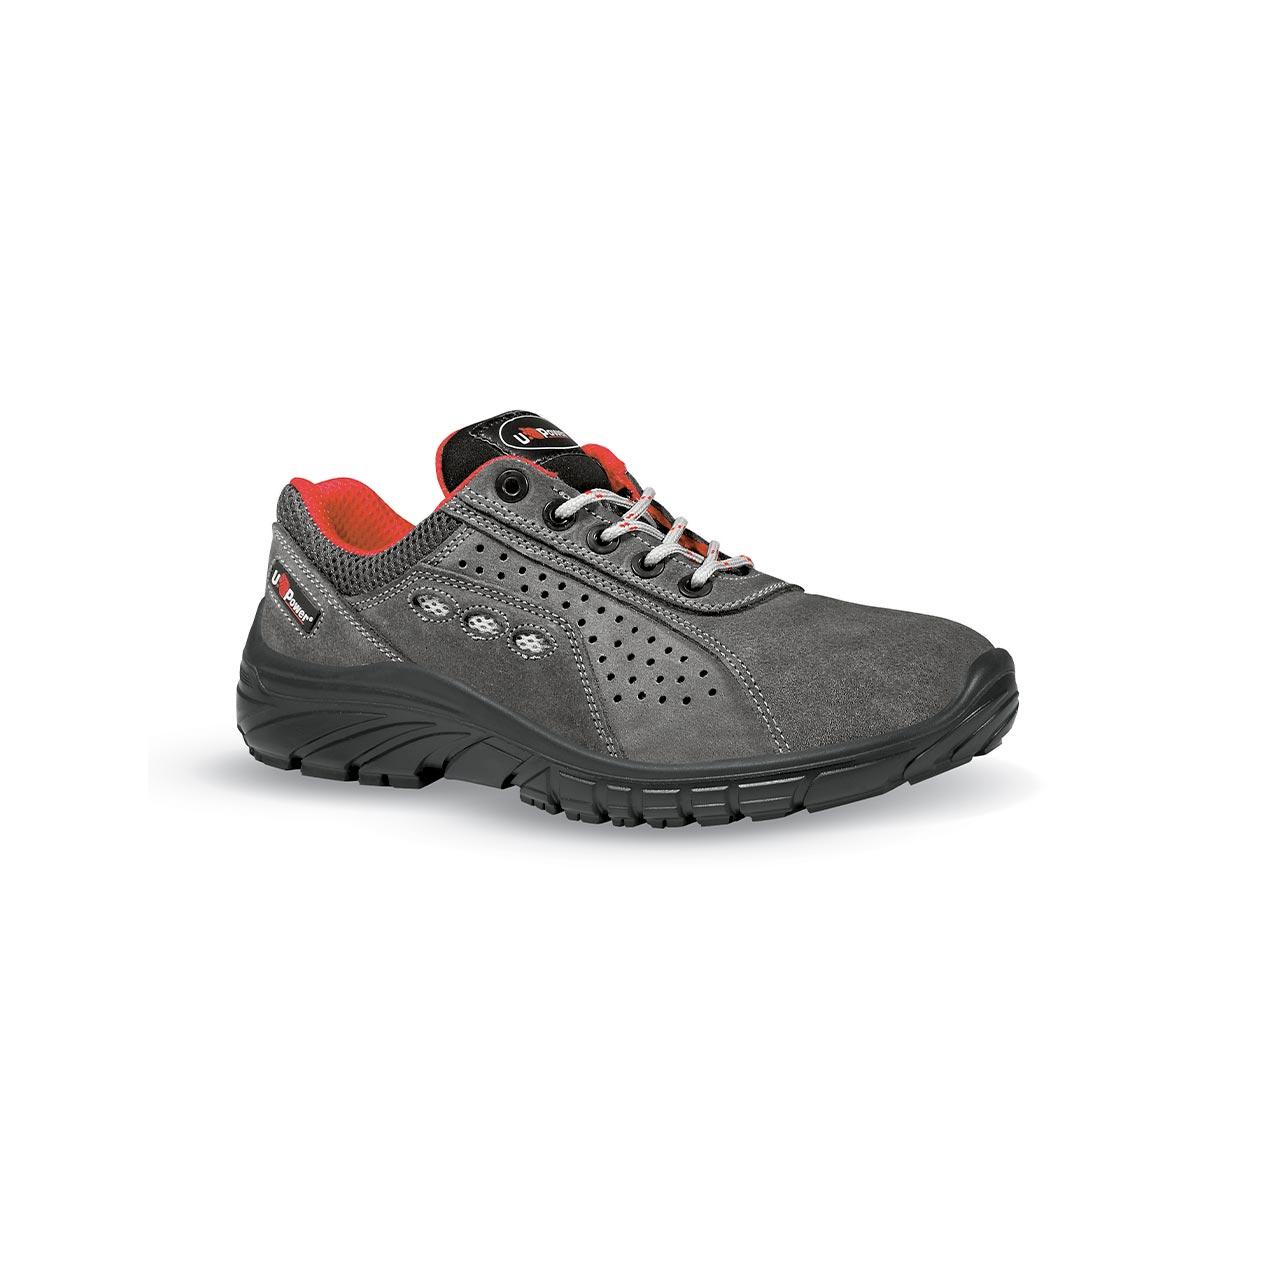 scarpa antinfortunistica upower modello comfortgrip linea professional vista laterale